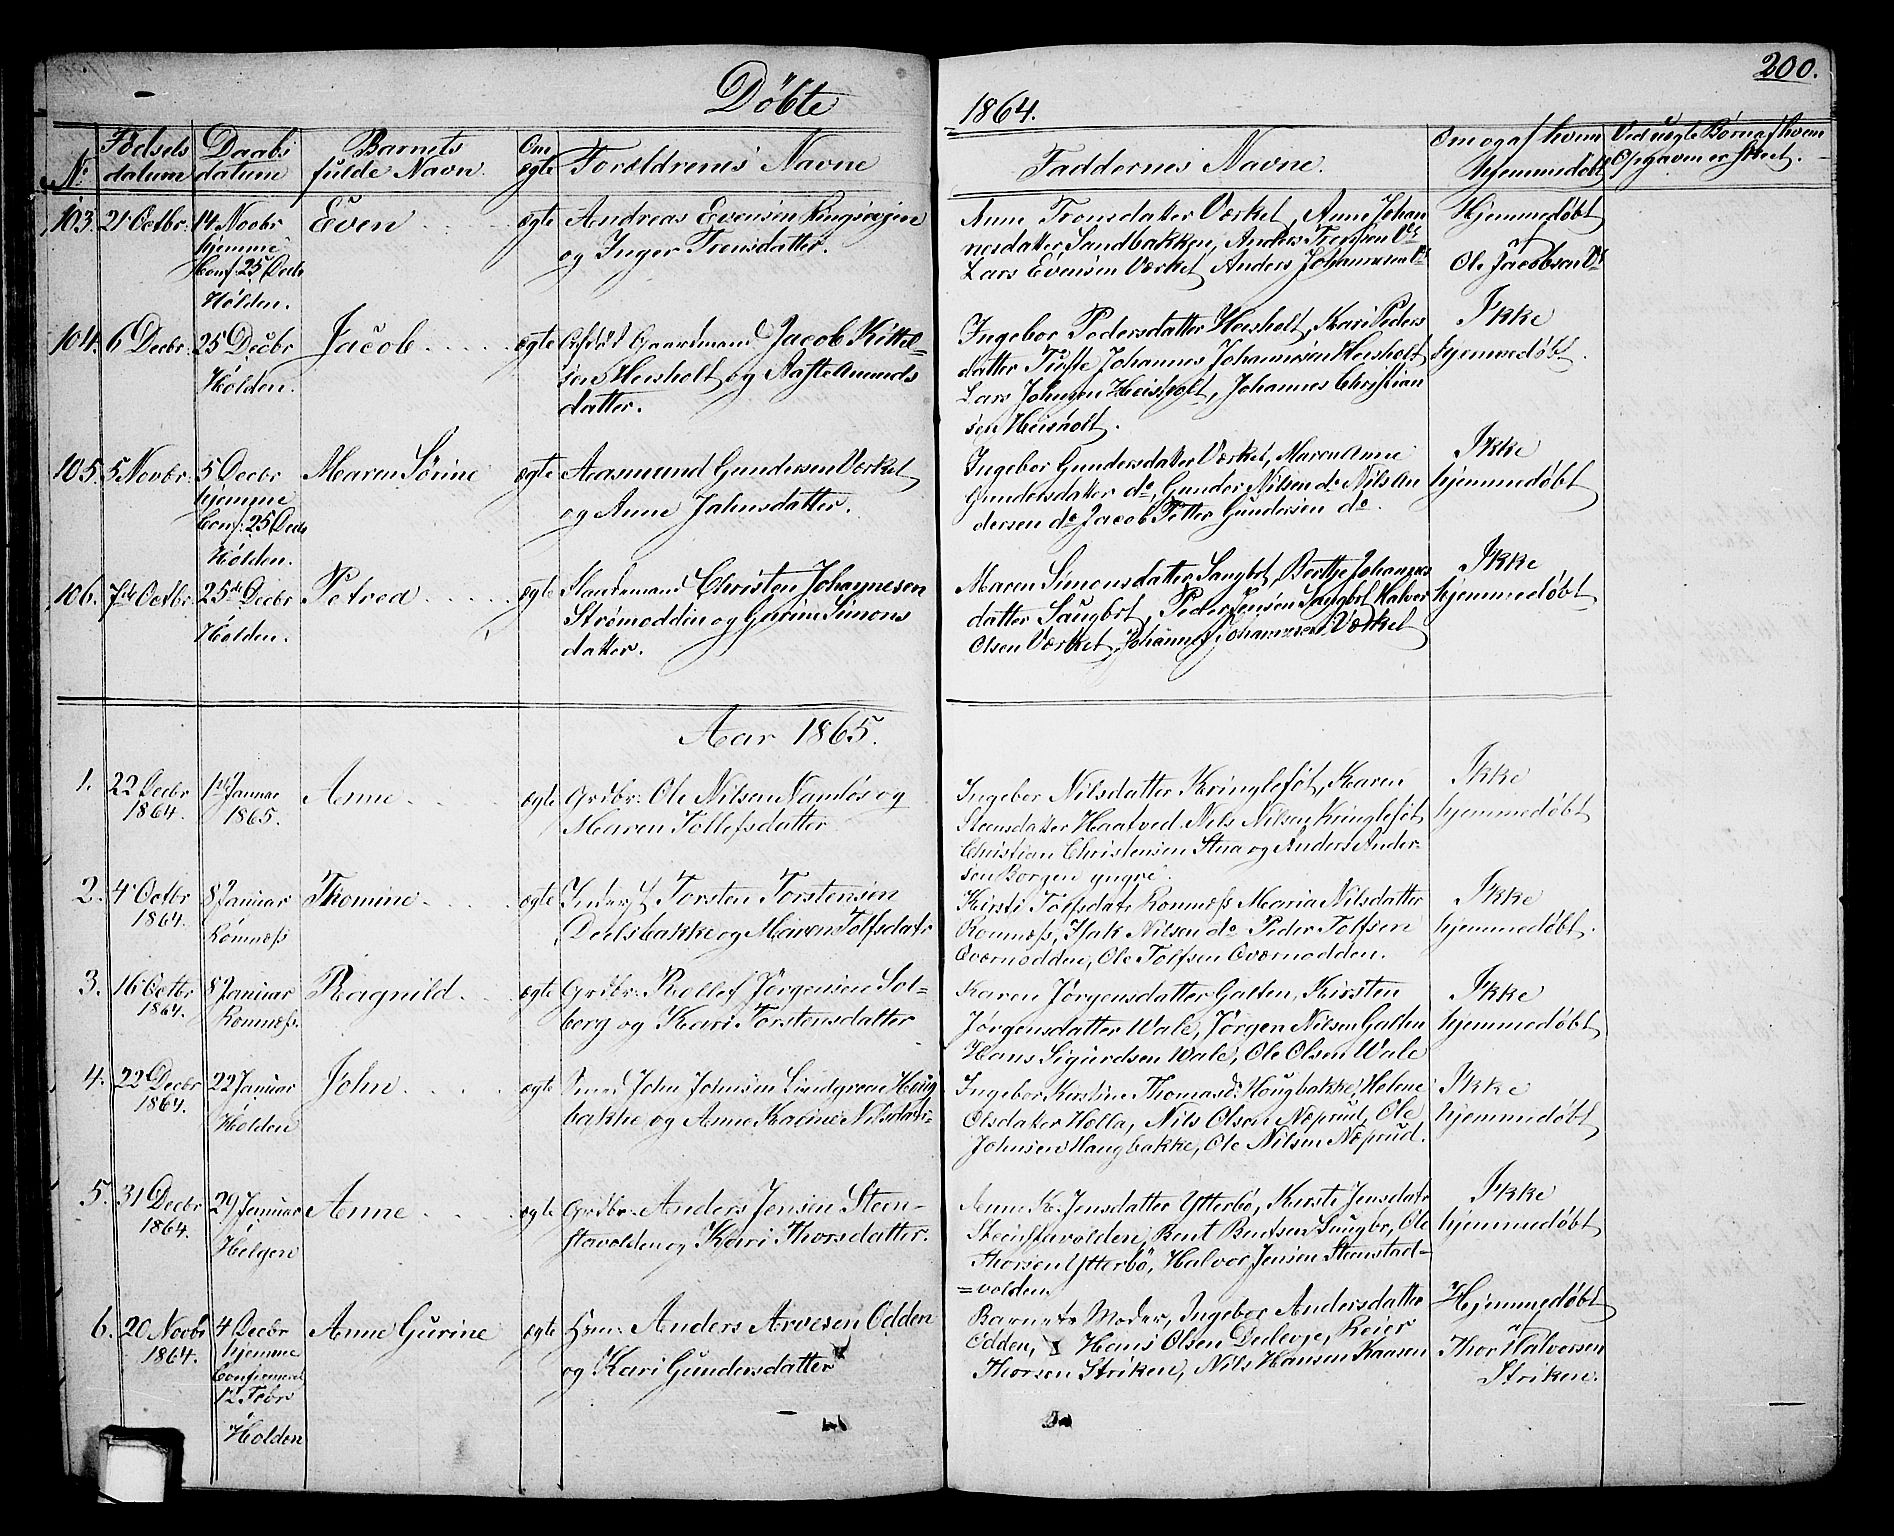 SAKO, Holla kirkebøker, G/Ga/L0003: Klokkerbok nr. I 3, 1849-1866, s. 200